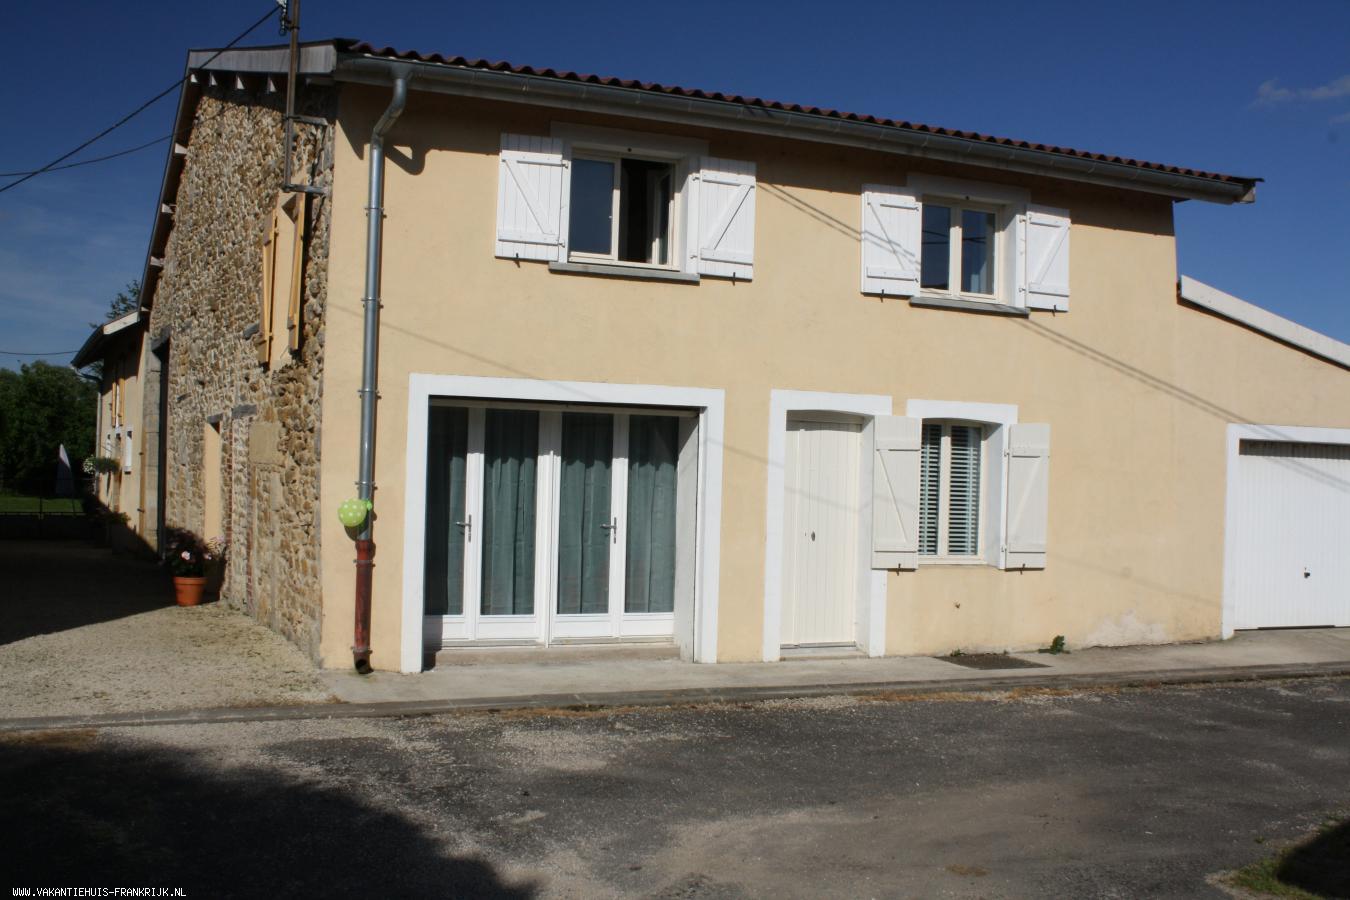 Vakantiehuis: Te huur: mooie studio met ruime bovenverdieping op familieboerderij te huur voor uw vakantie in Meuse (Frankrijk)